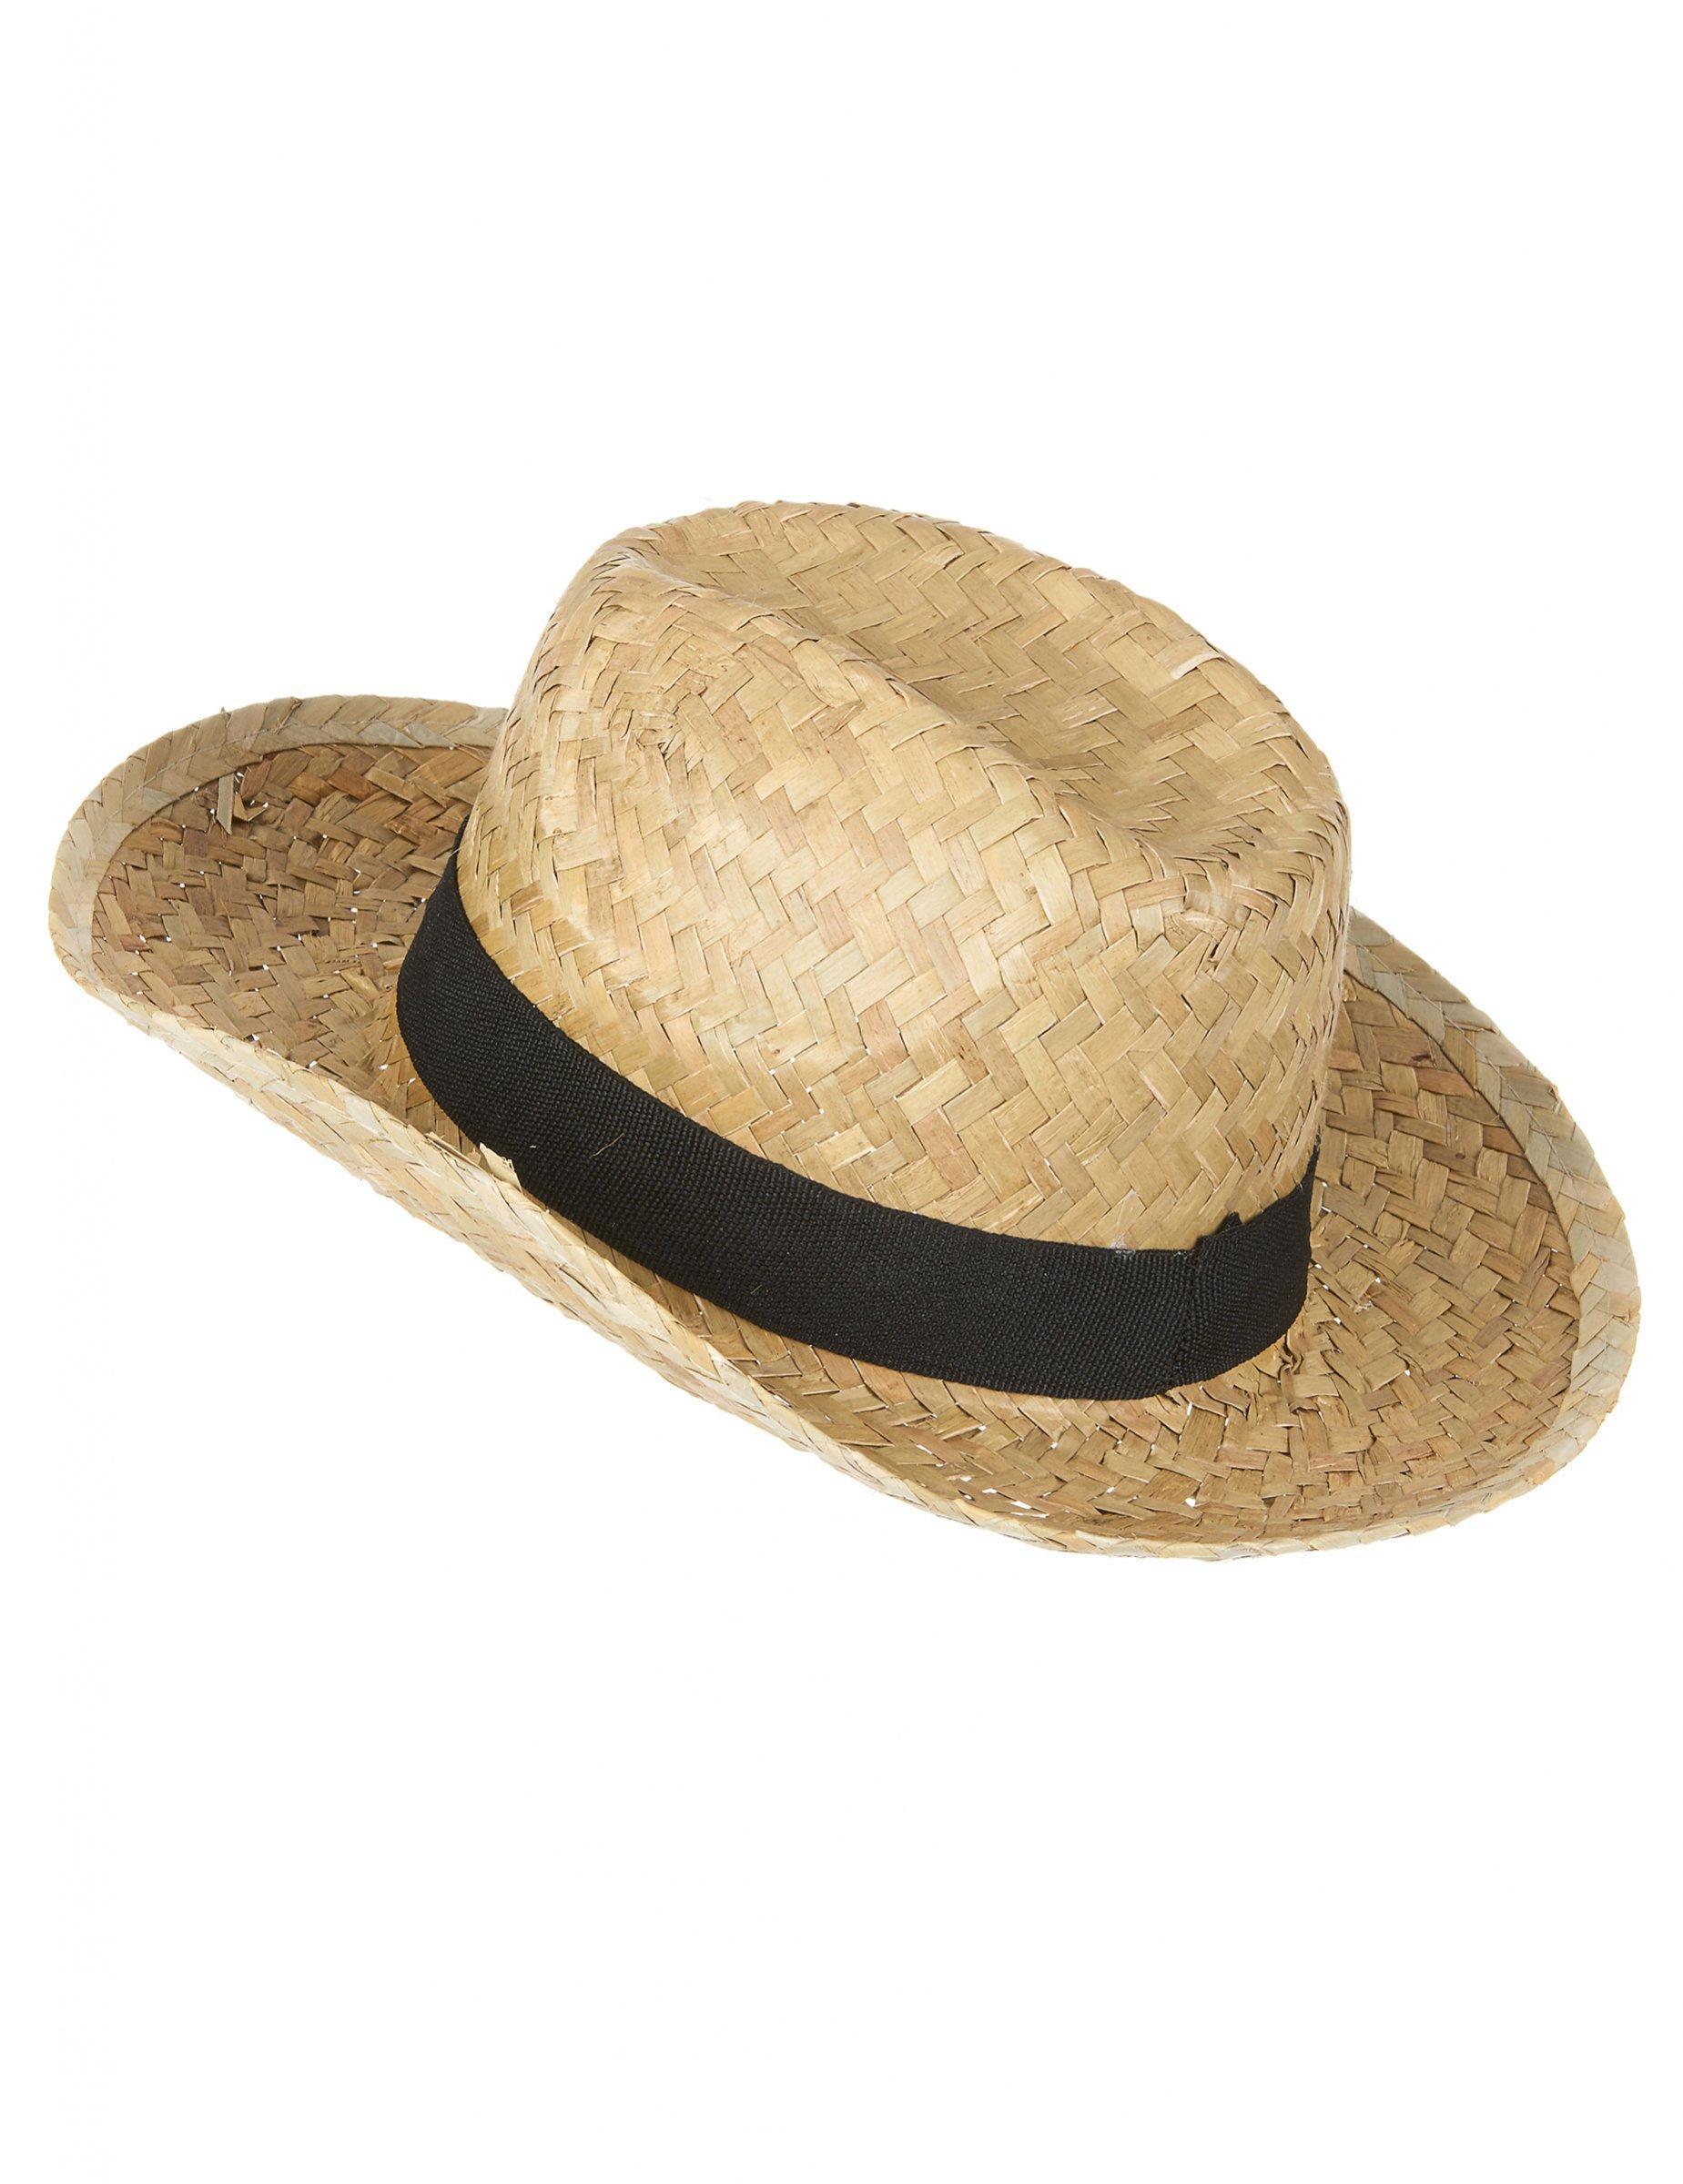 f1a927c1ccbe4 Sombrero cowboy paja niño  Sombreros